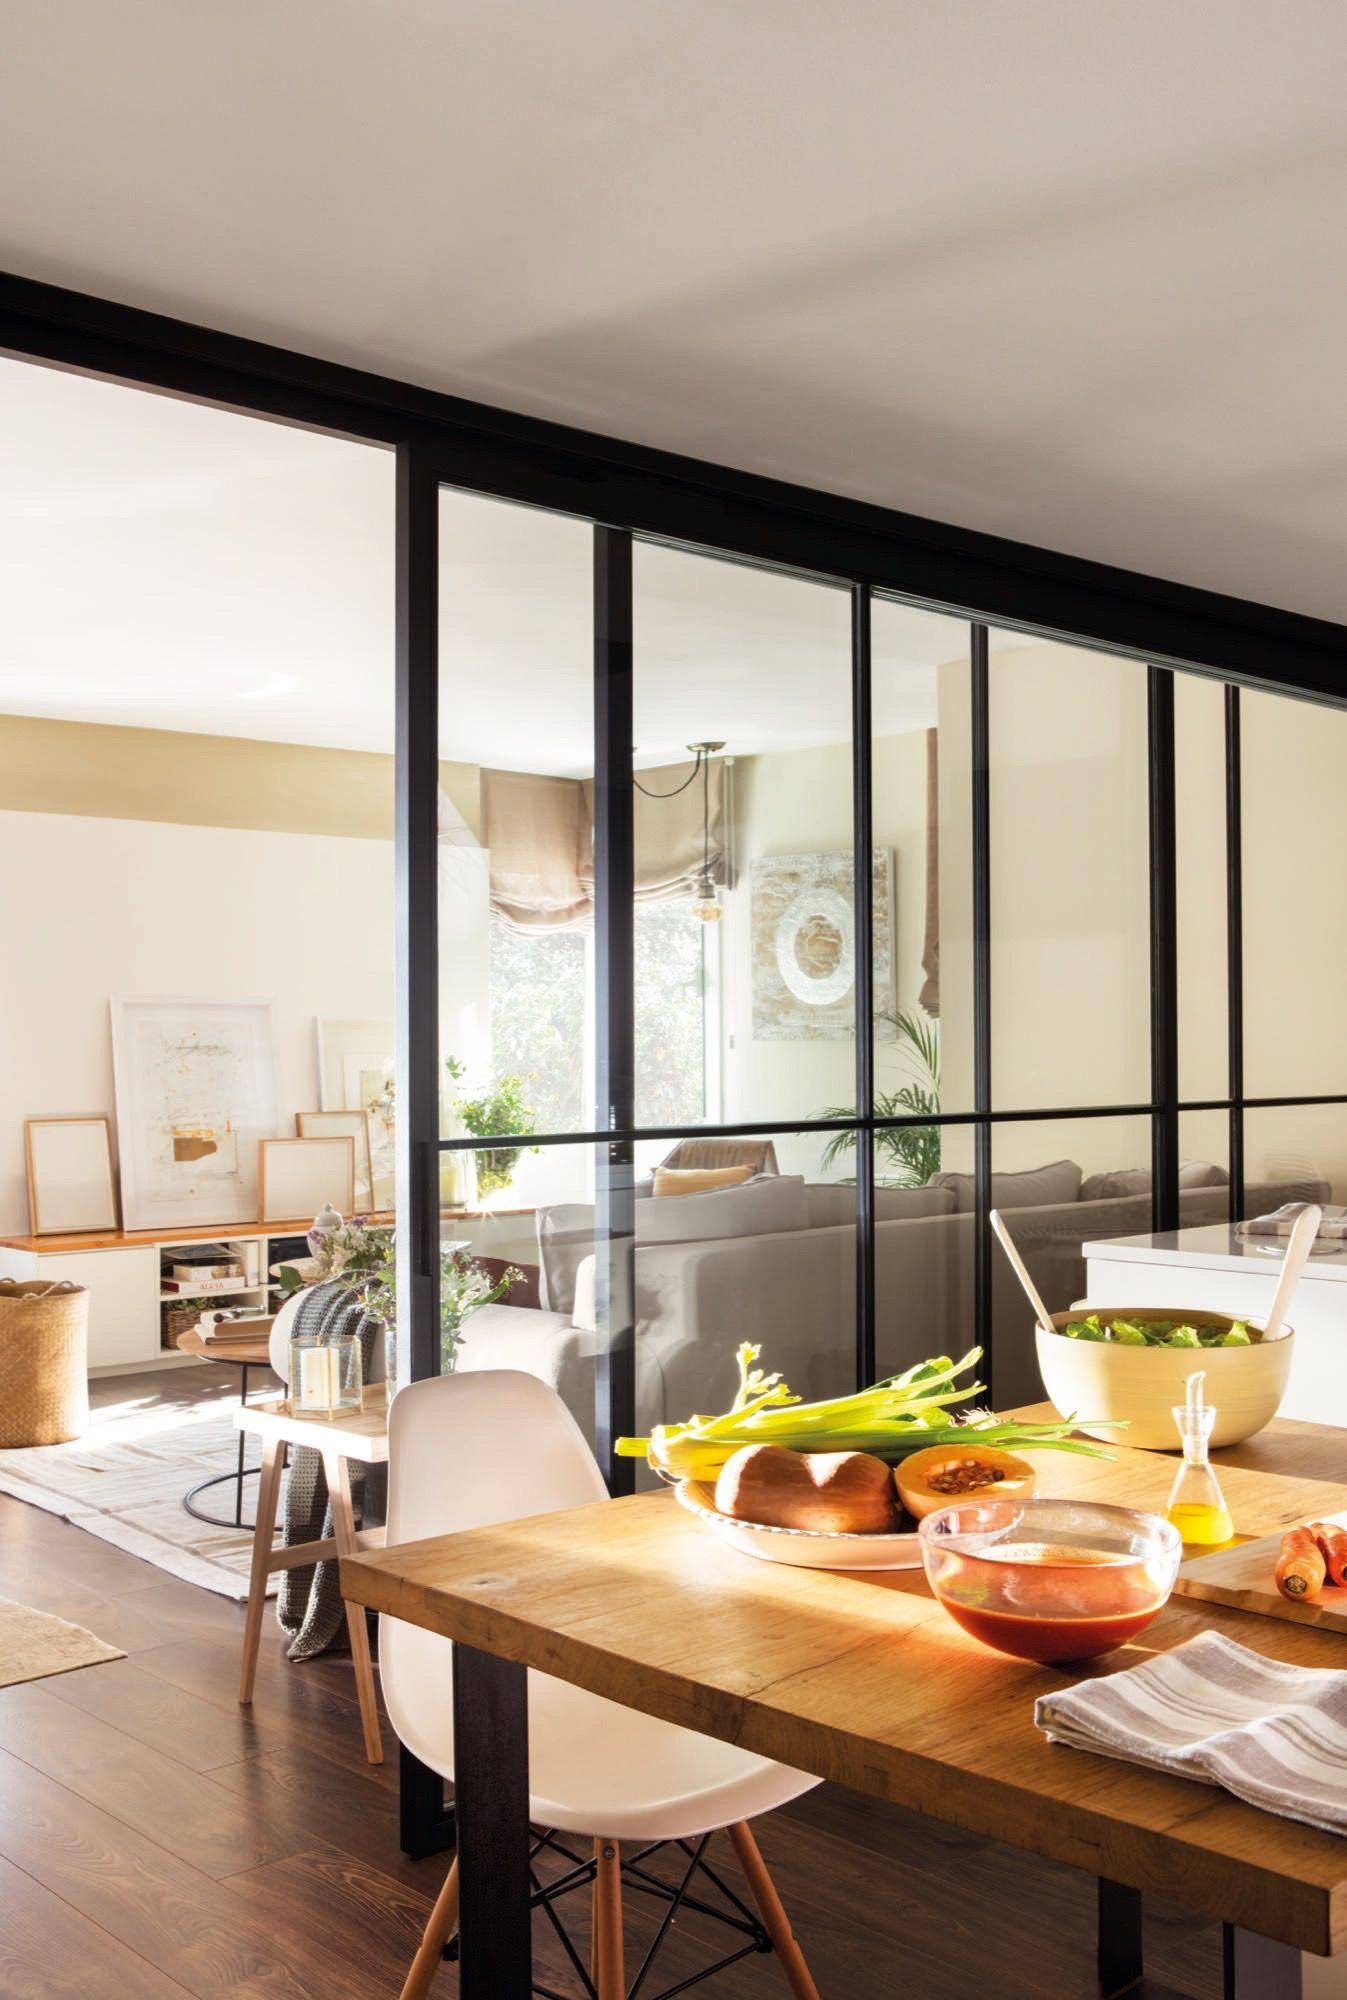 Una cocina abierta en 2019 comunicar espacios cocina for Separacion de muebles cocina comedor